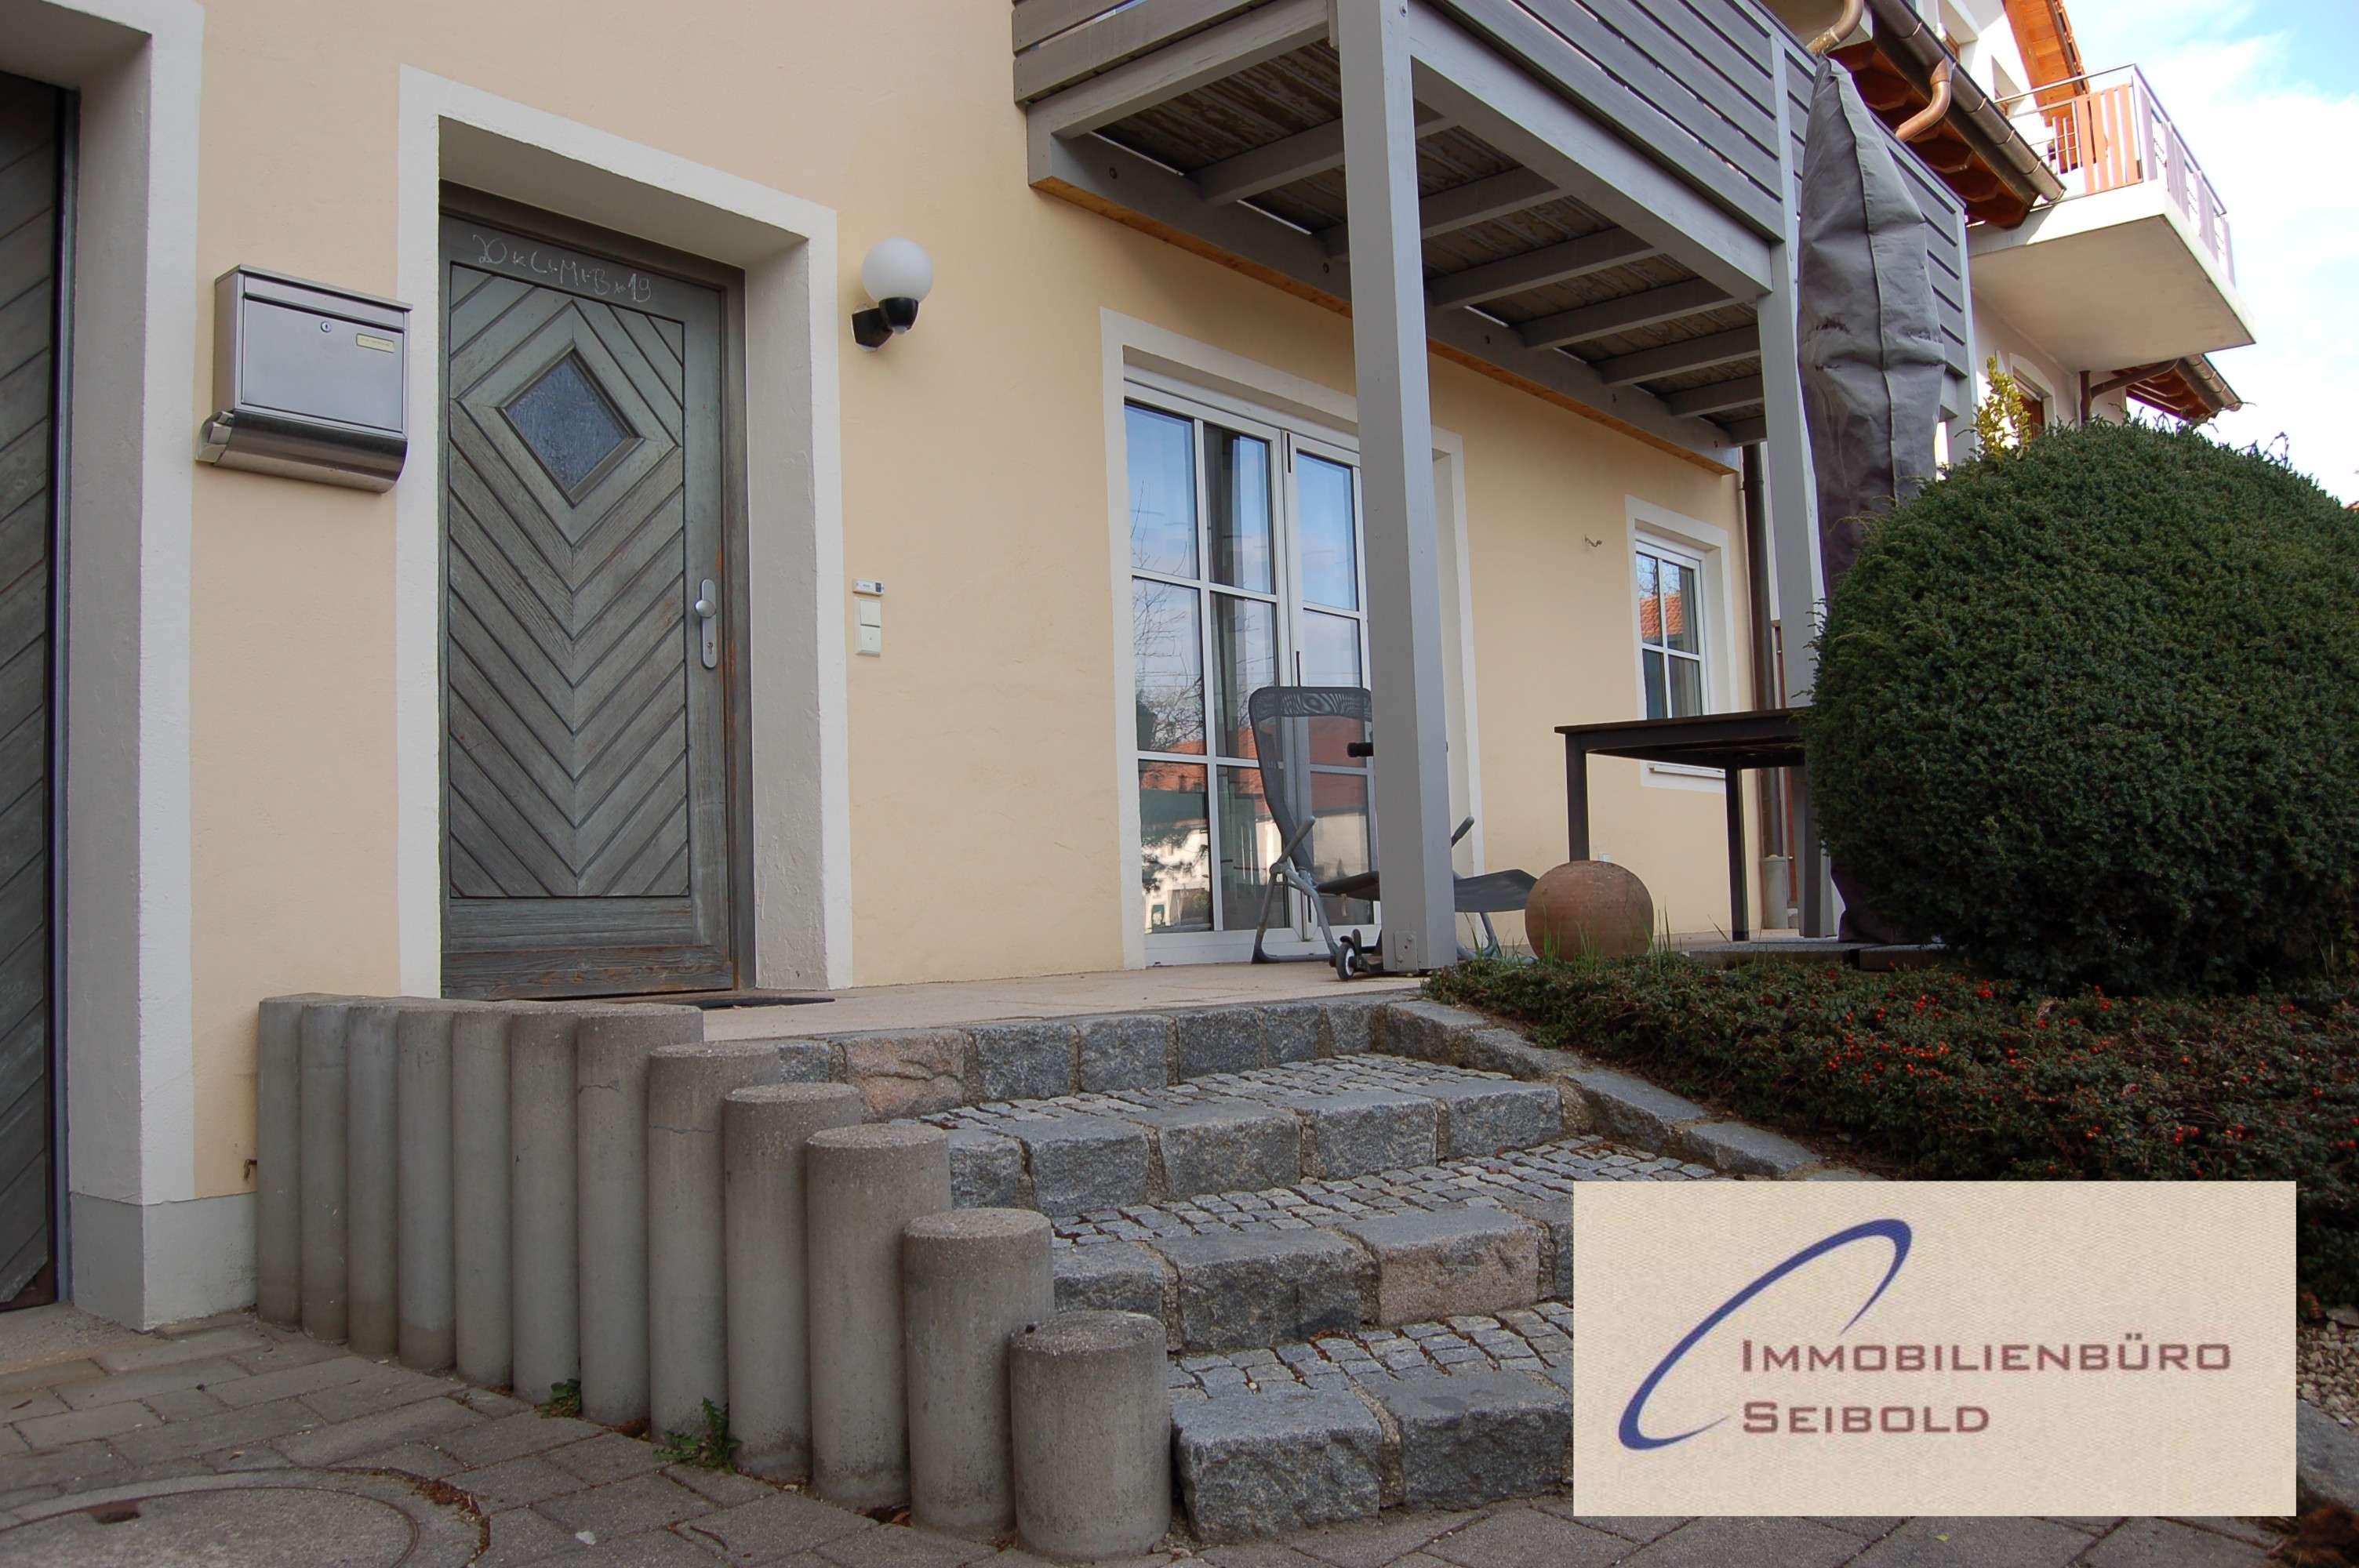 Schnuckelige Erdgeschoss-Wohnung mit 2 Terrassen - Immobilienbüro SEIBOLD in